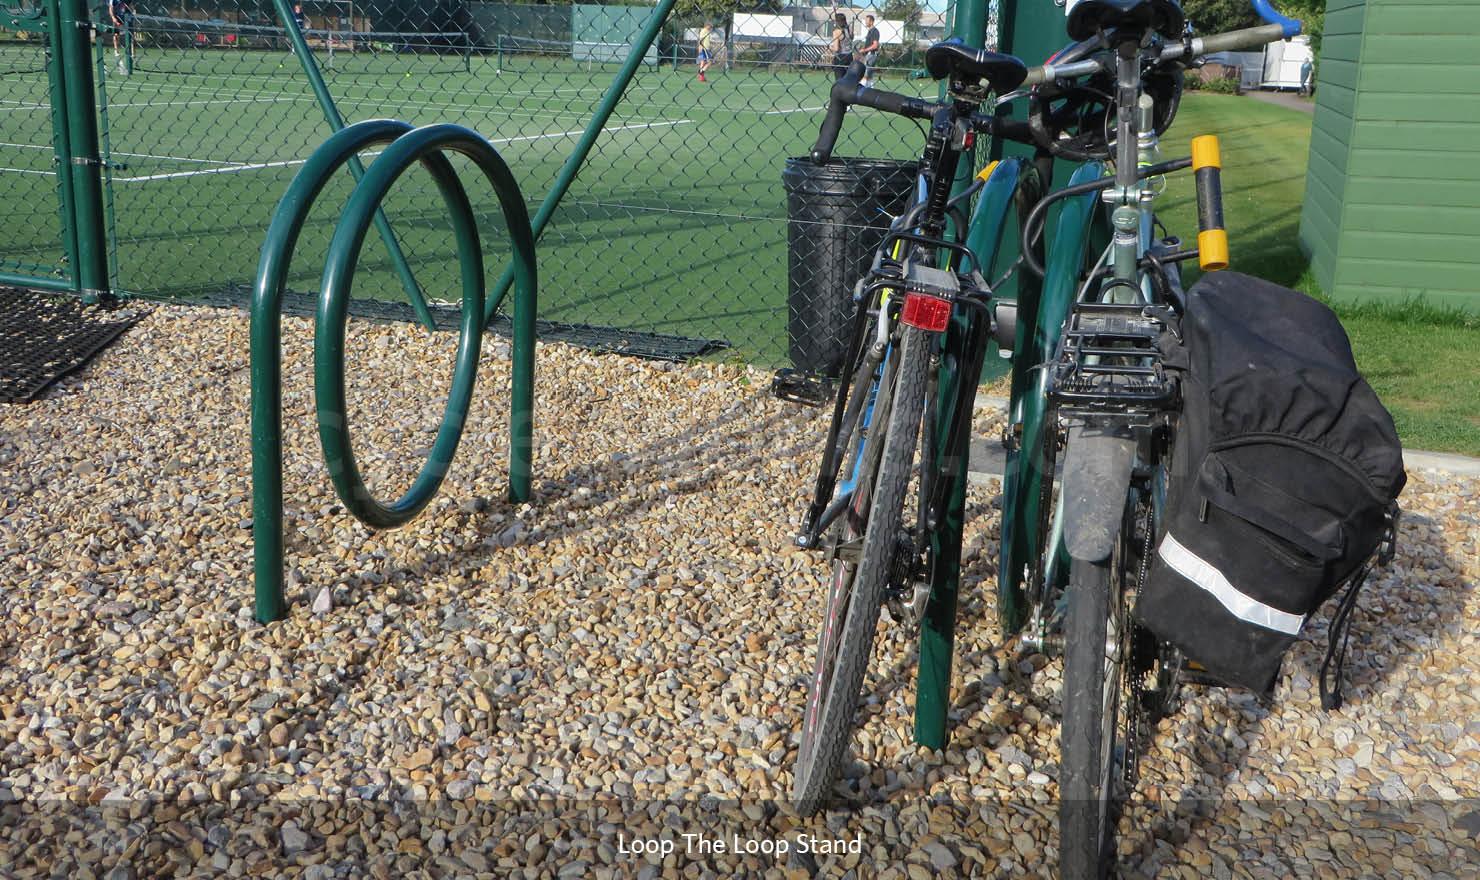 Loop the Loop Cycle Rack